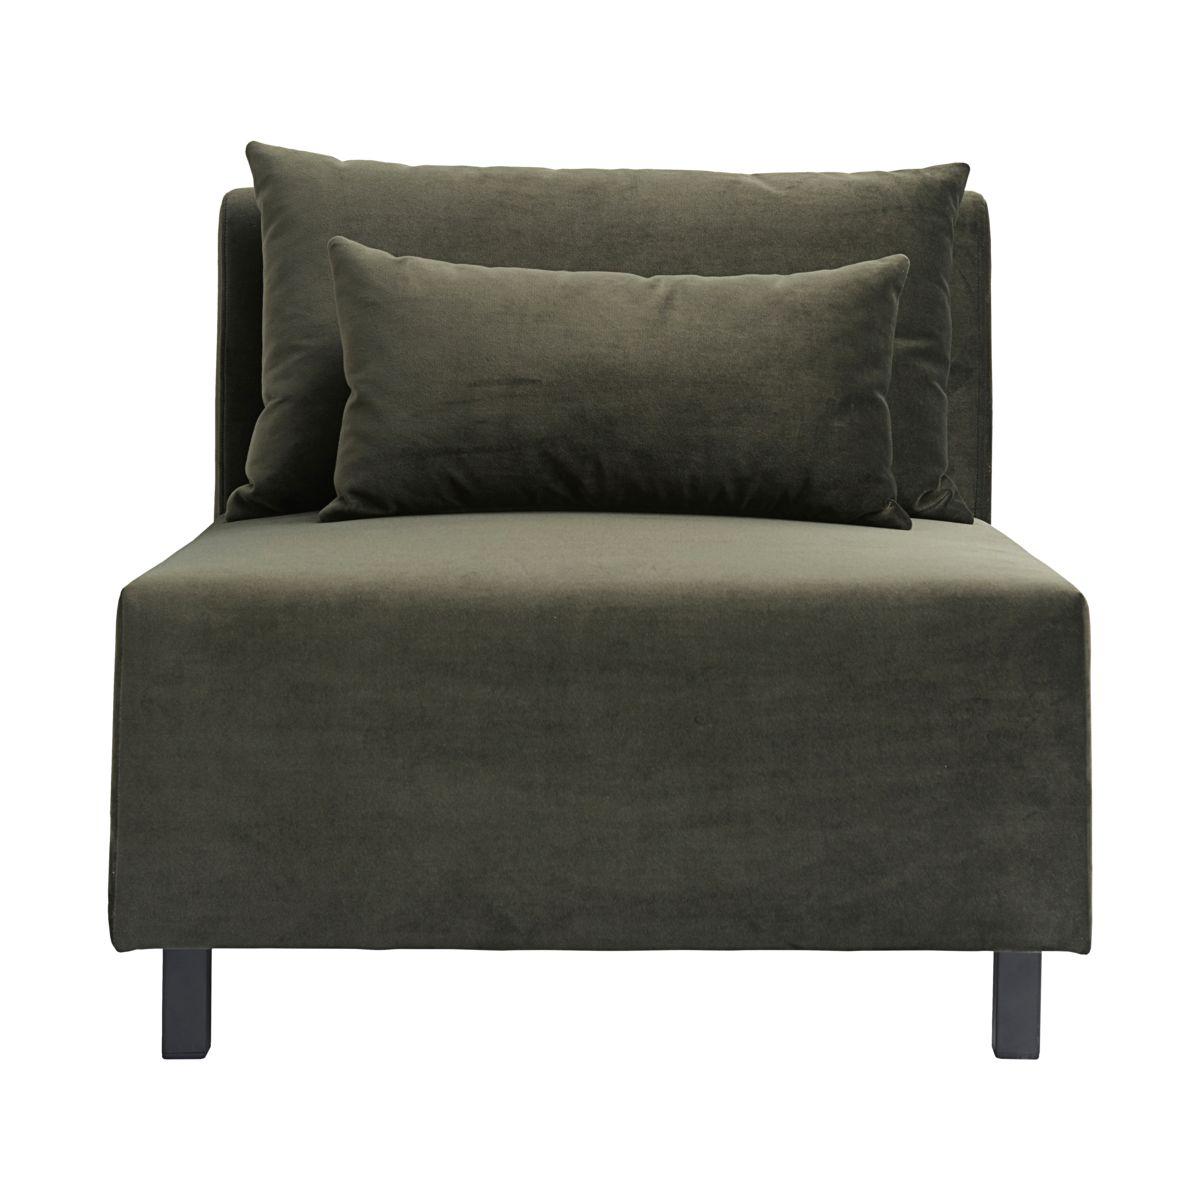 house doctor – House doctor sofa modul - mørkegrønt stof m. sorte ben, midterdel (85x85) fra boboonline.dk